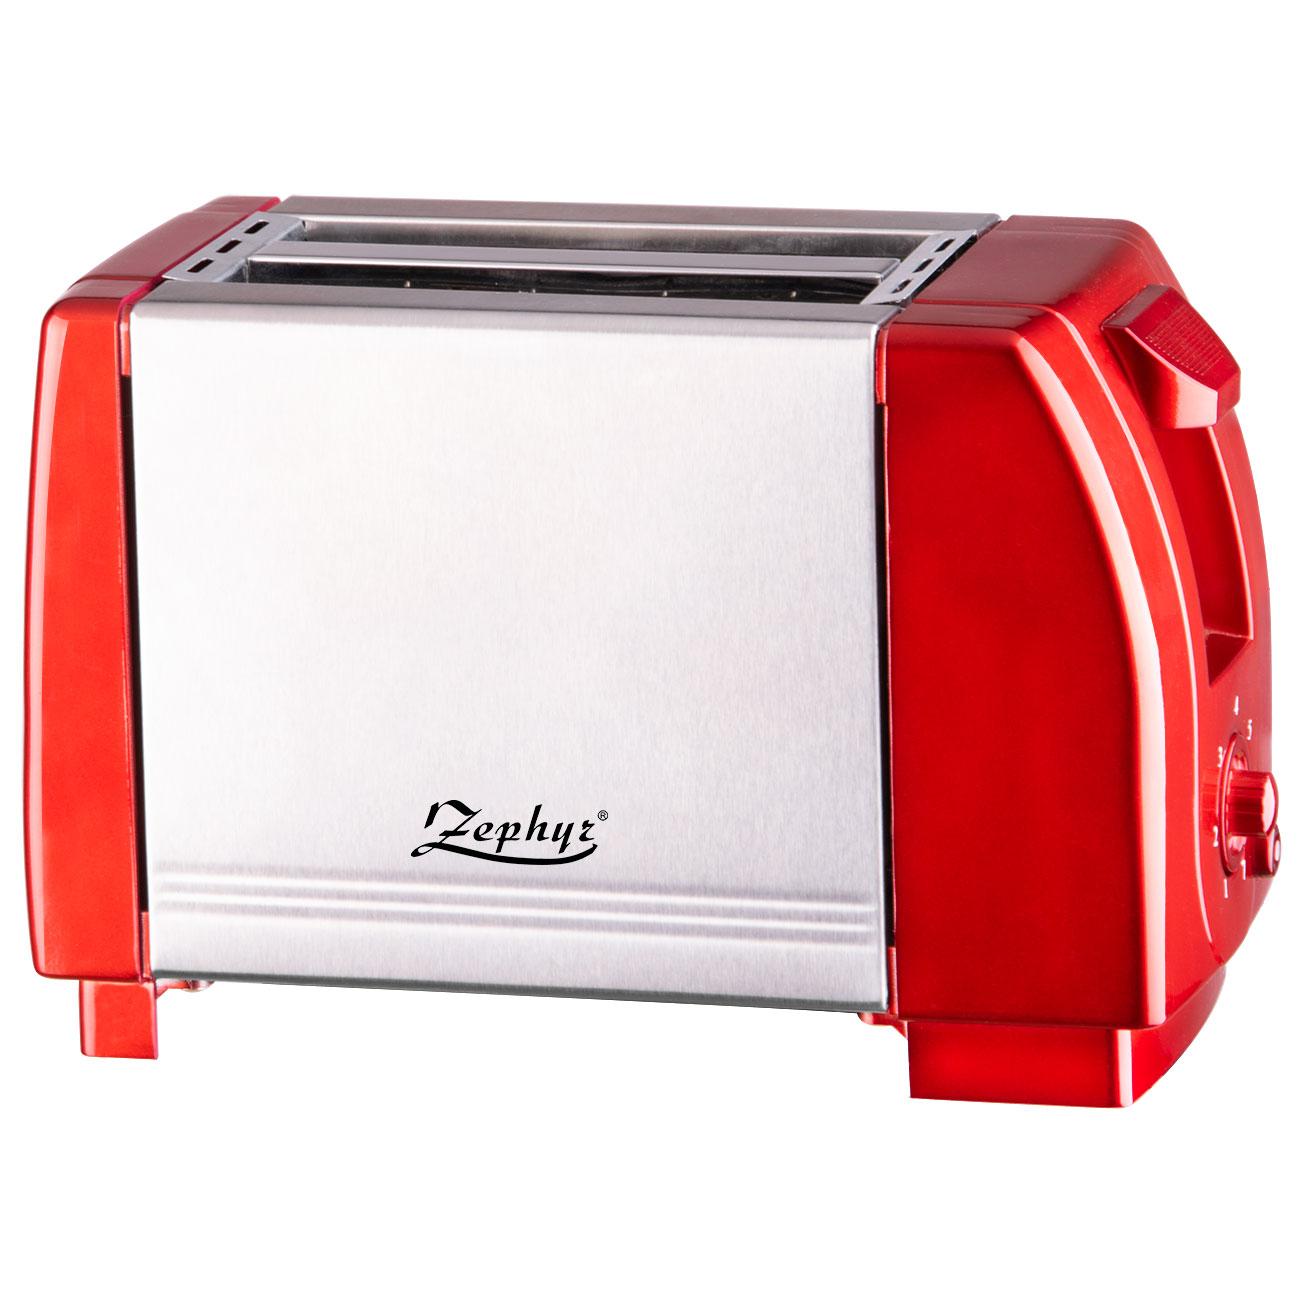 Тостер за хляб ZEPHYR ZP 1440 JR, 750W, 2 филийки, Червен в Тостери за хляб - ZEPHYR   Alleop